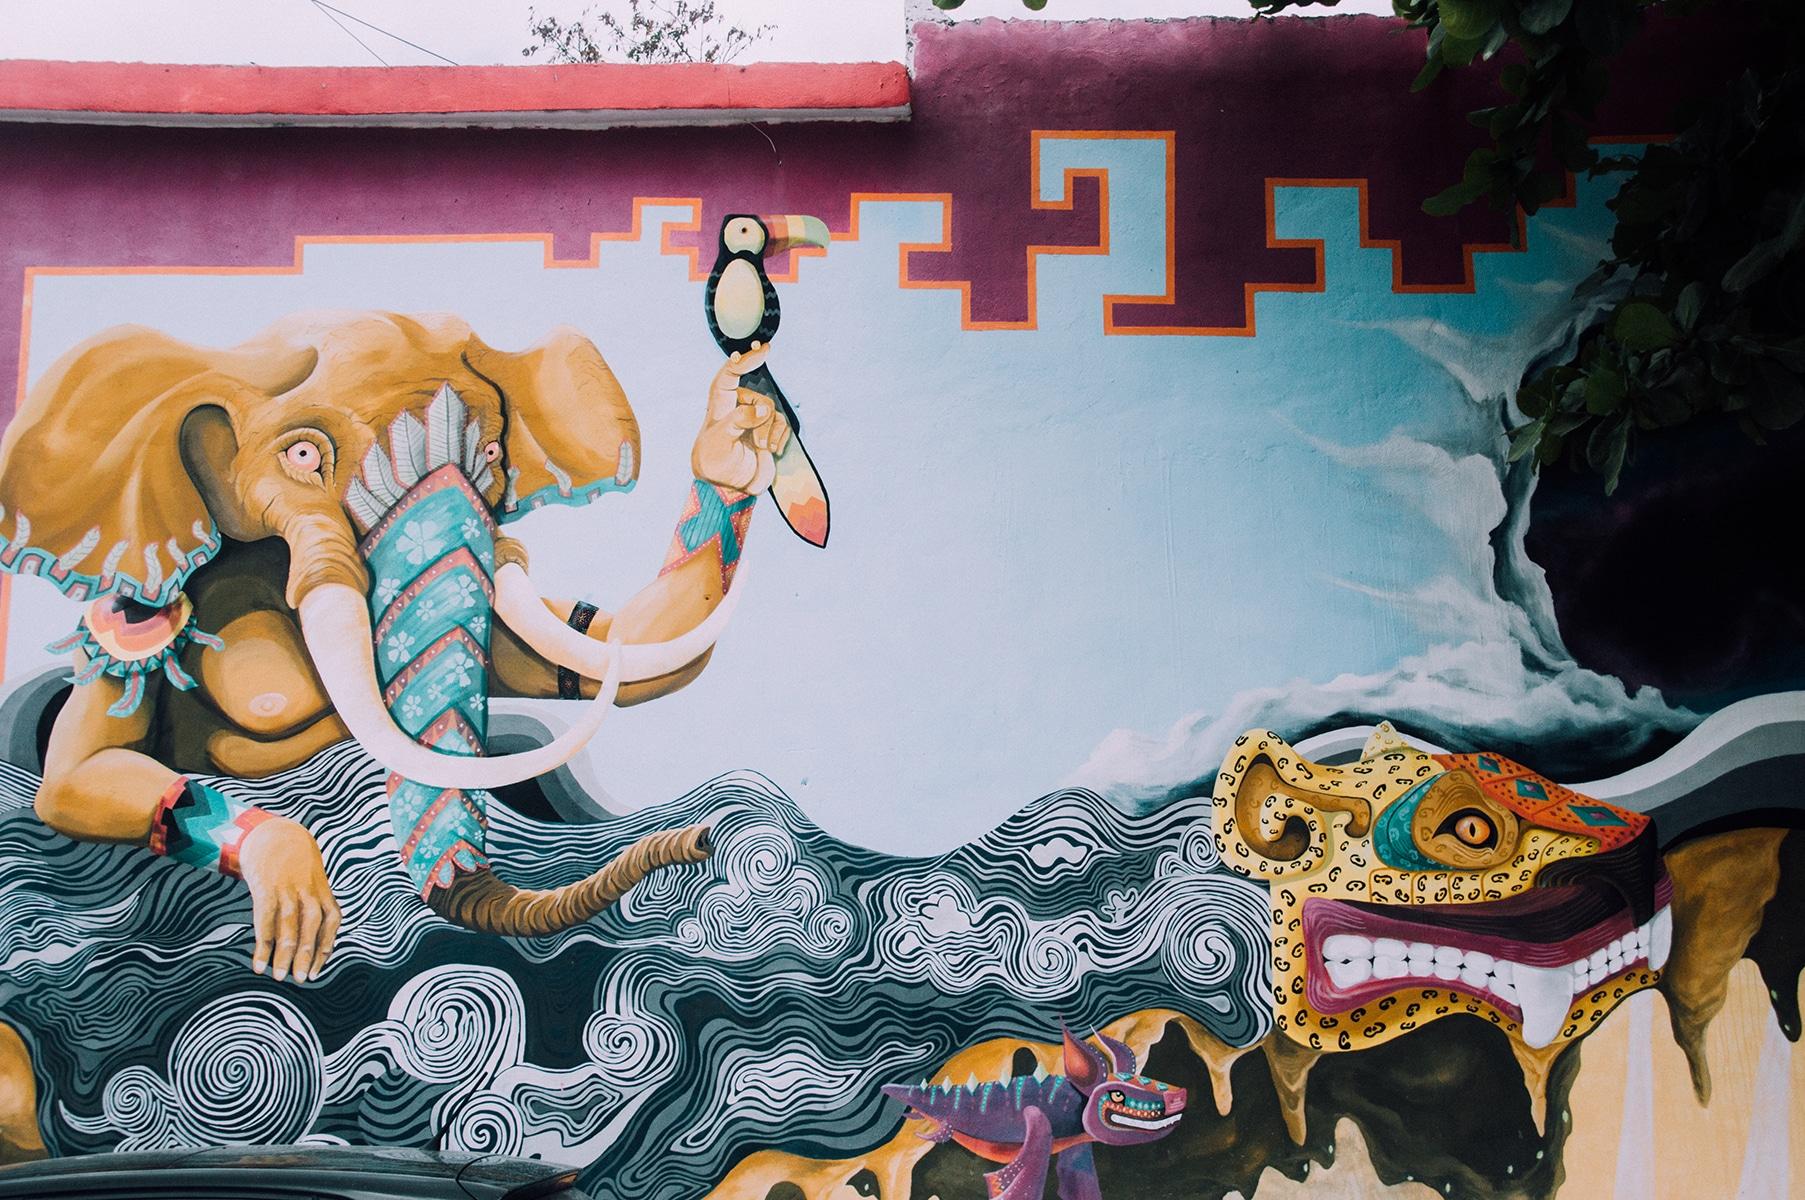 Tulum Street Art